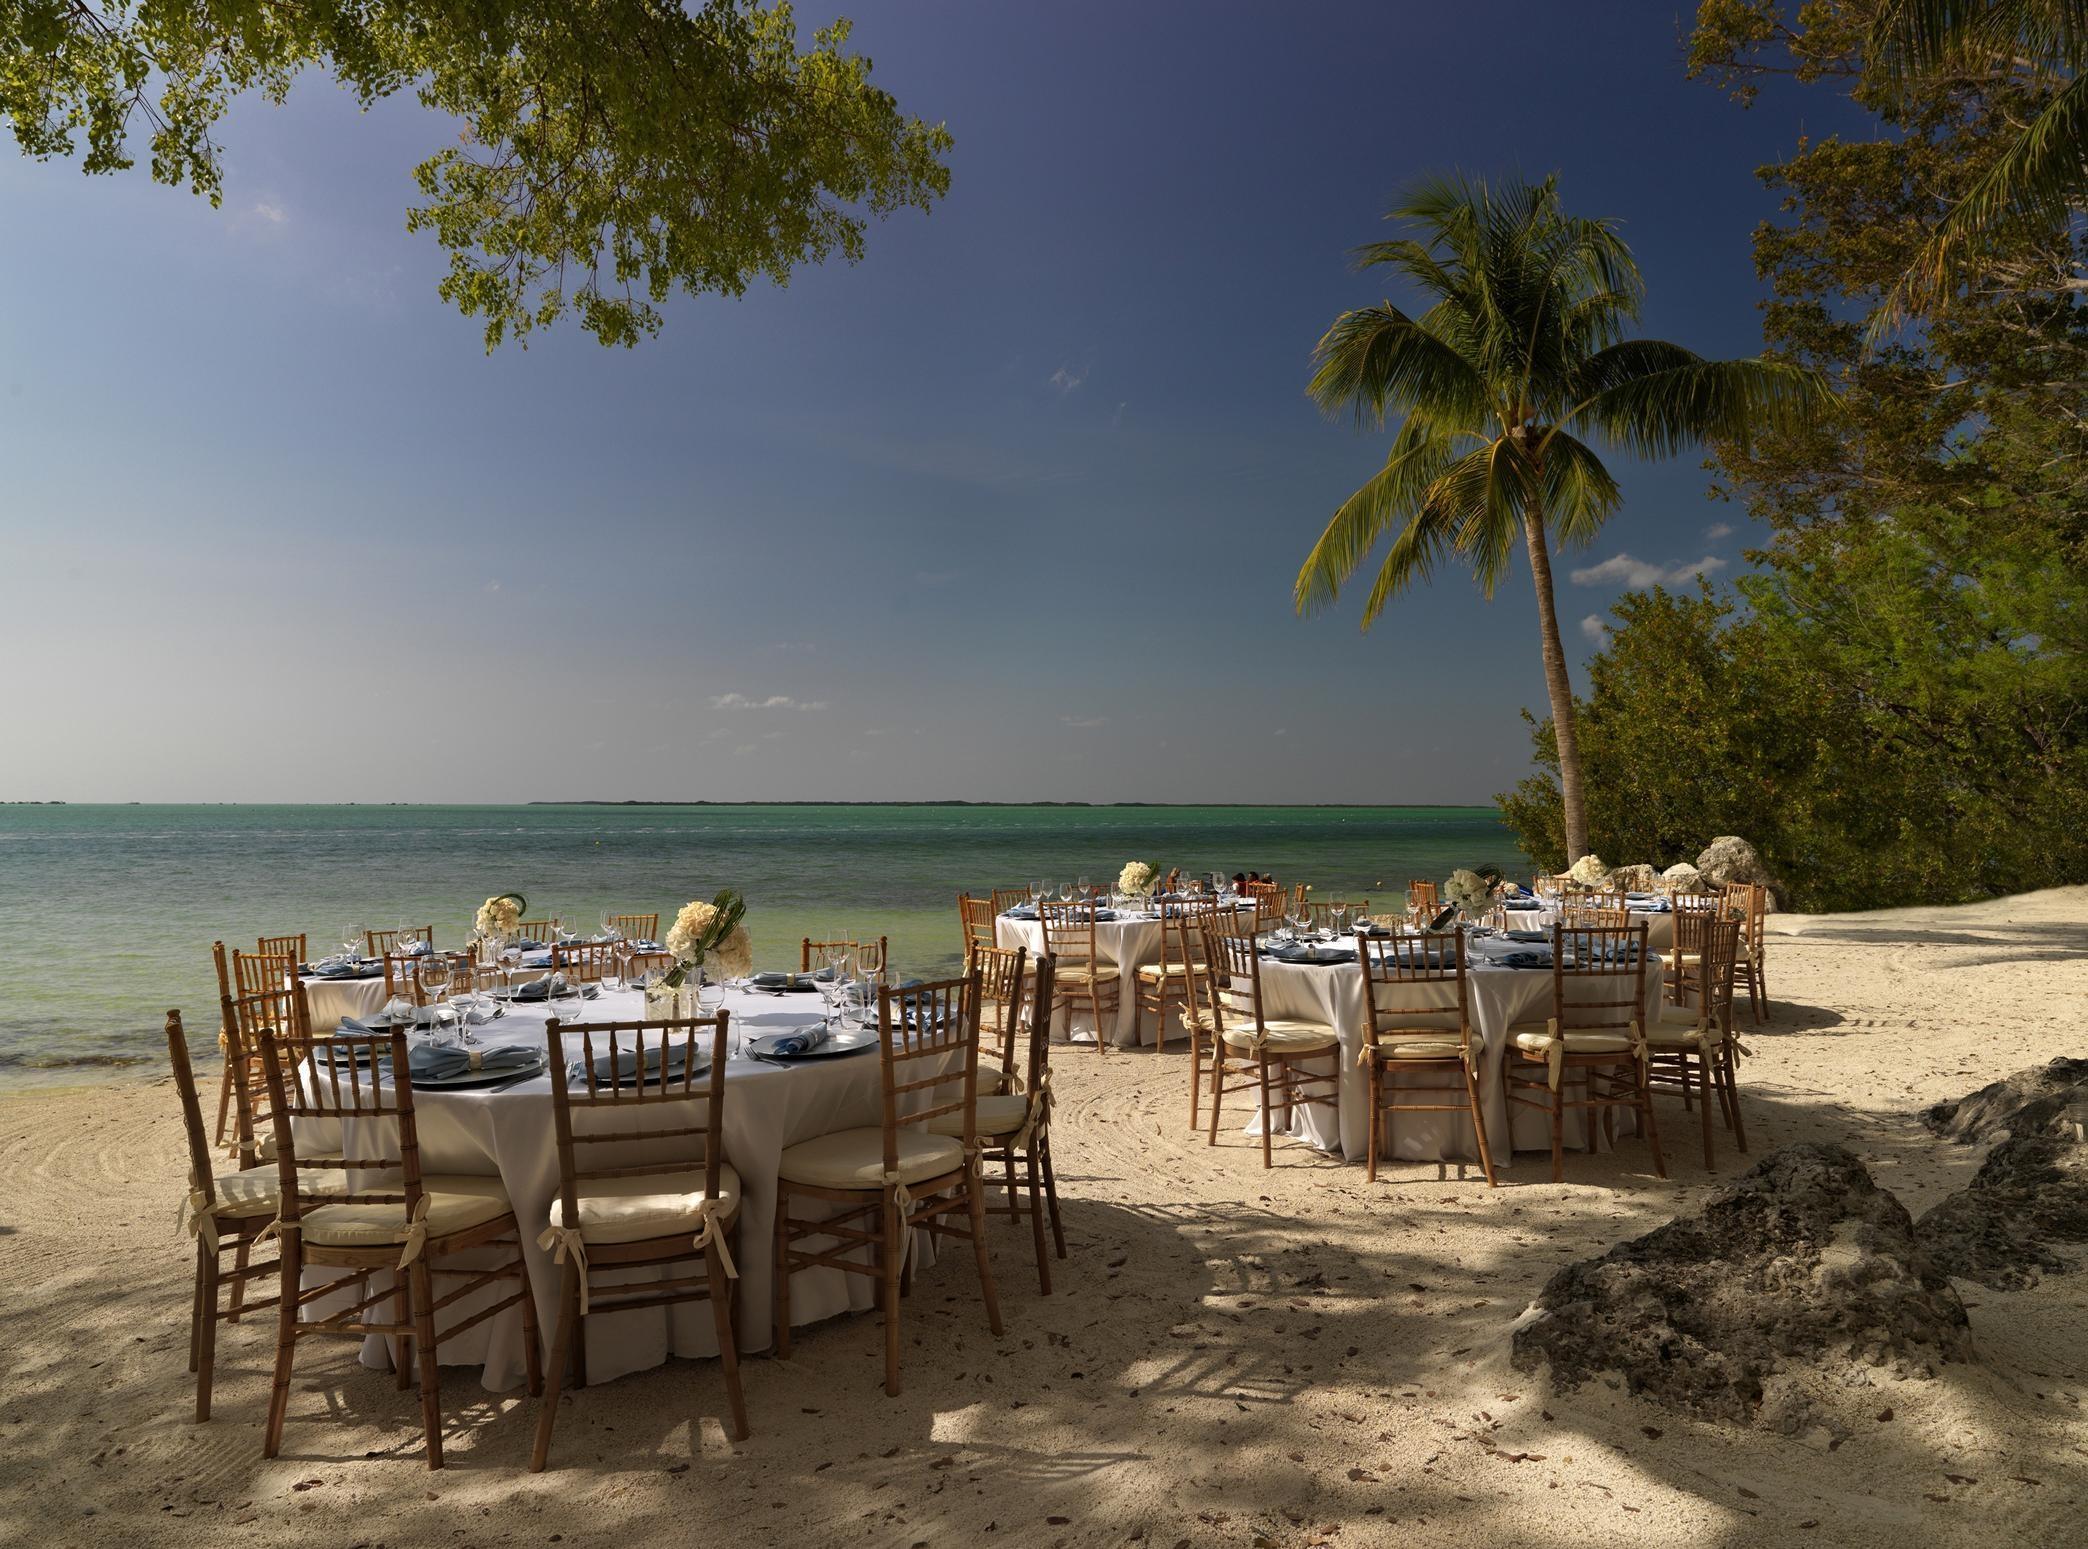 Hilton Key Largo Resort image 1